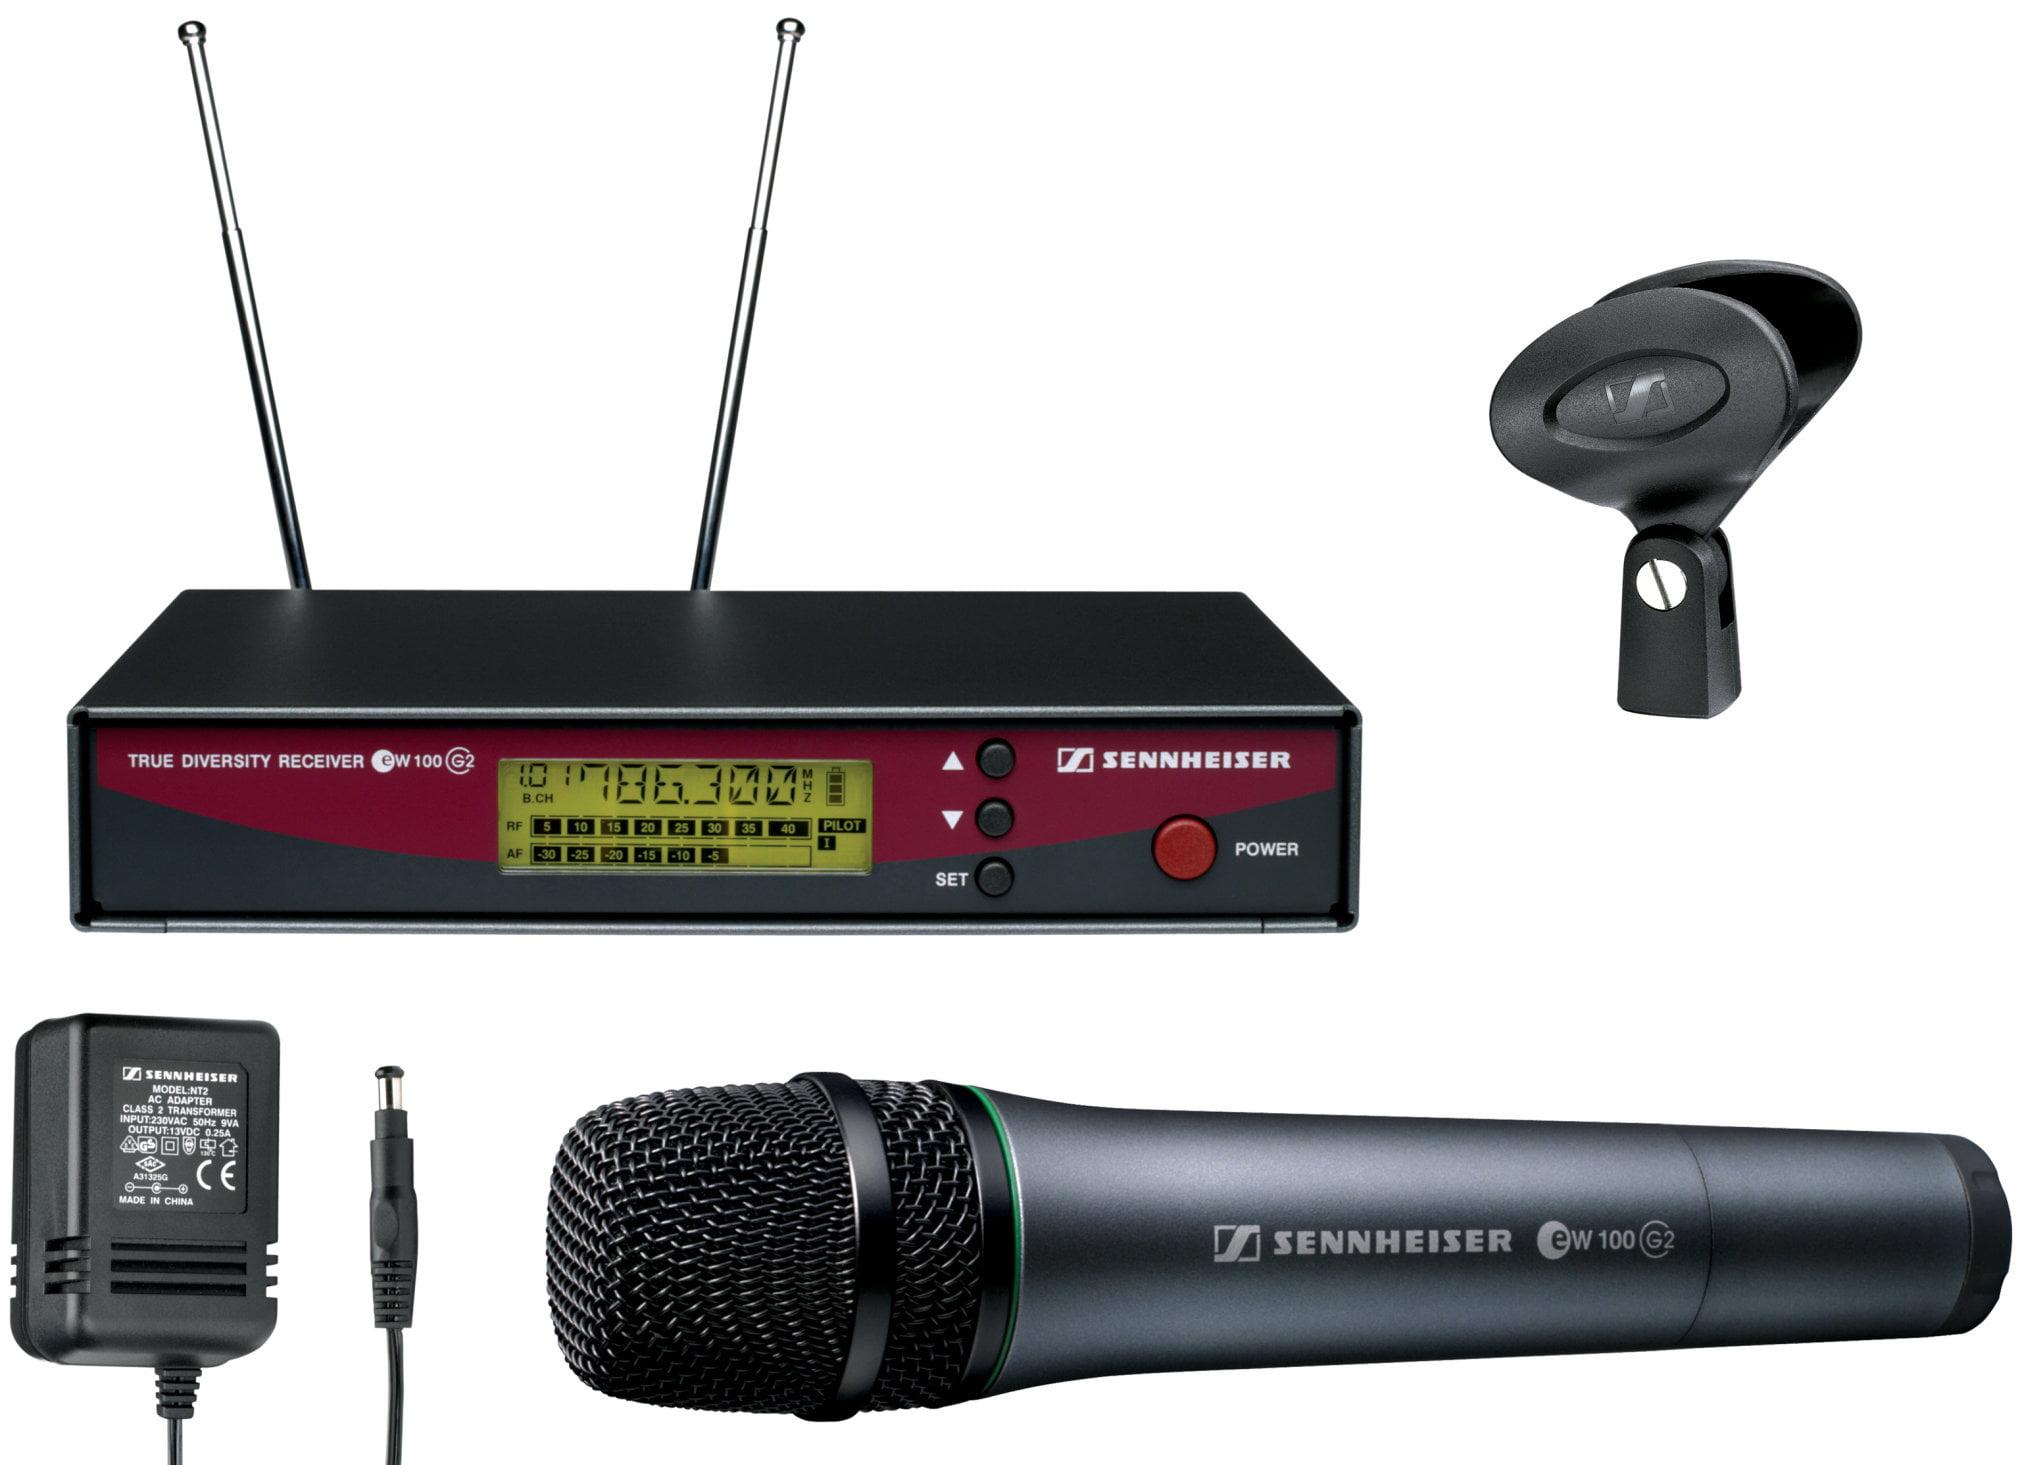 Sennheiser g2 microphone hire